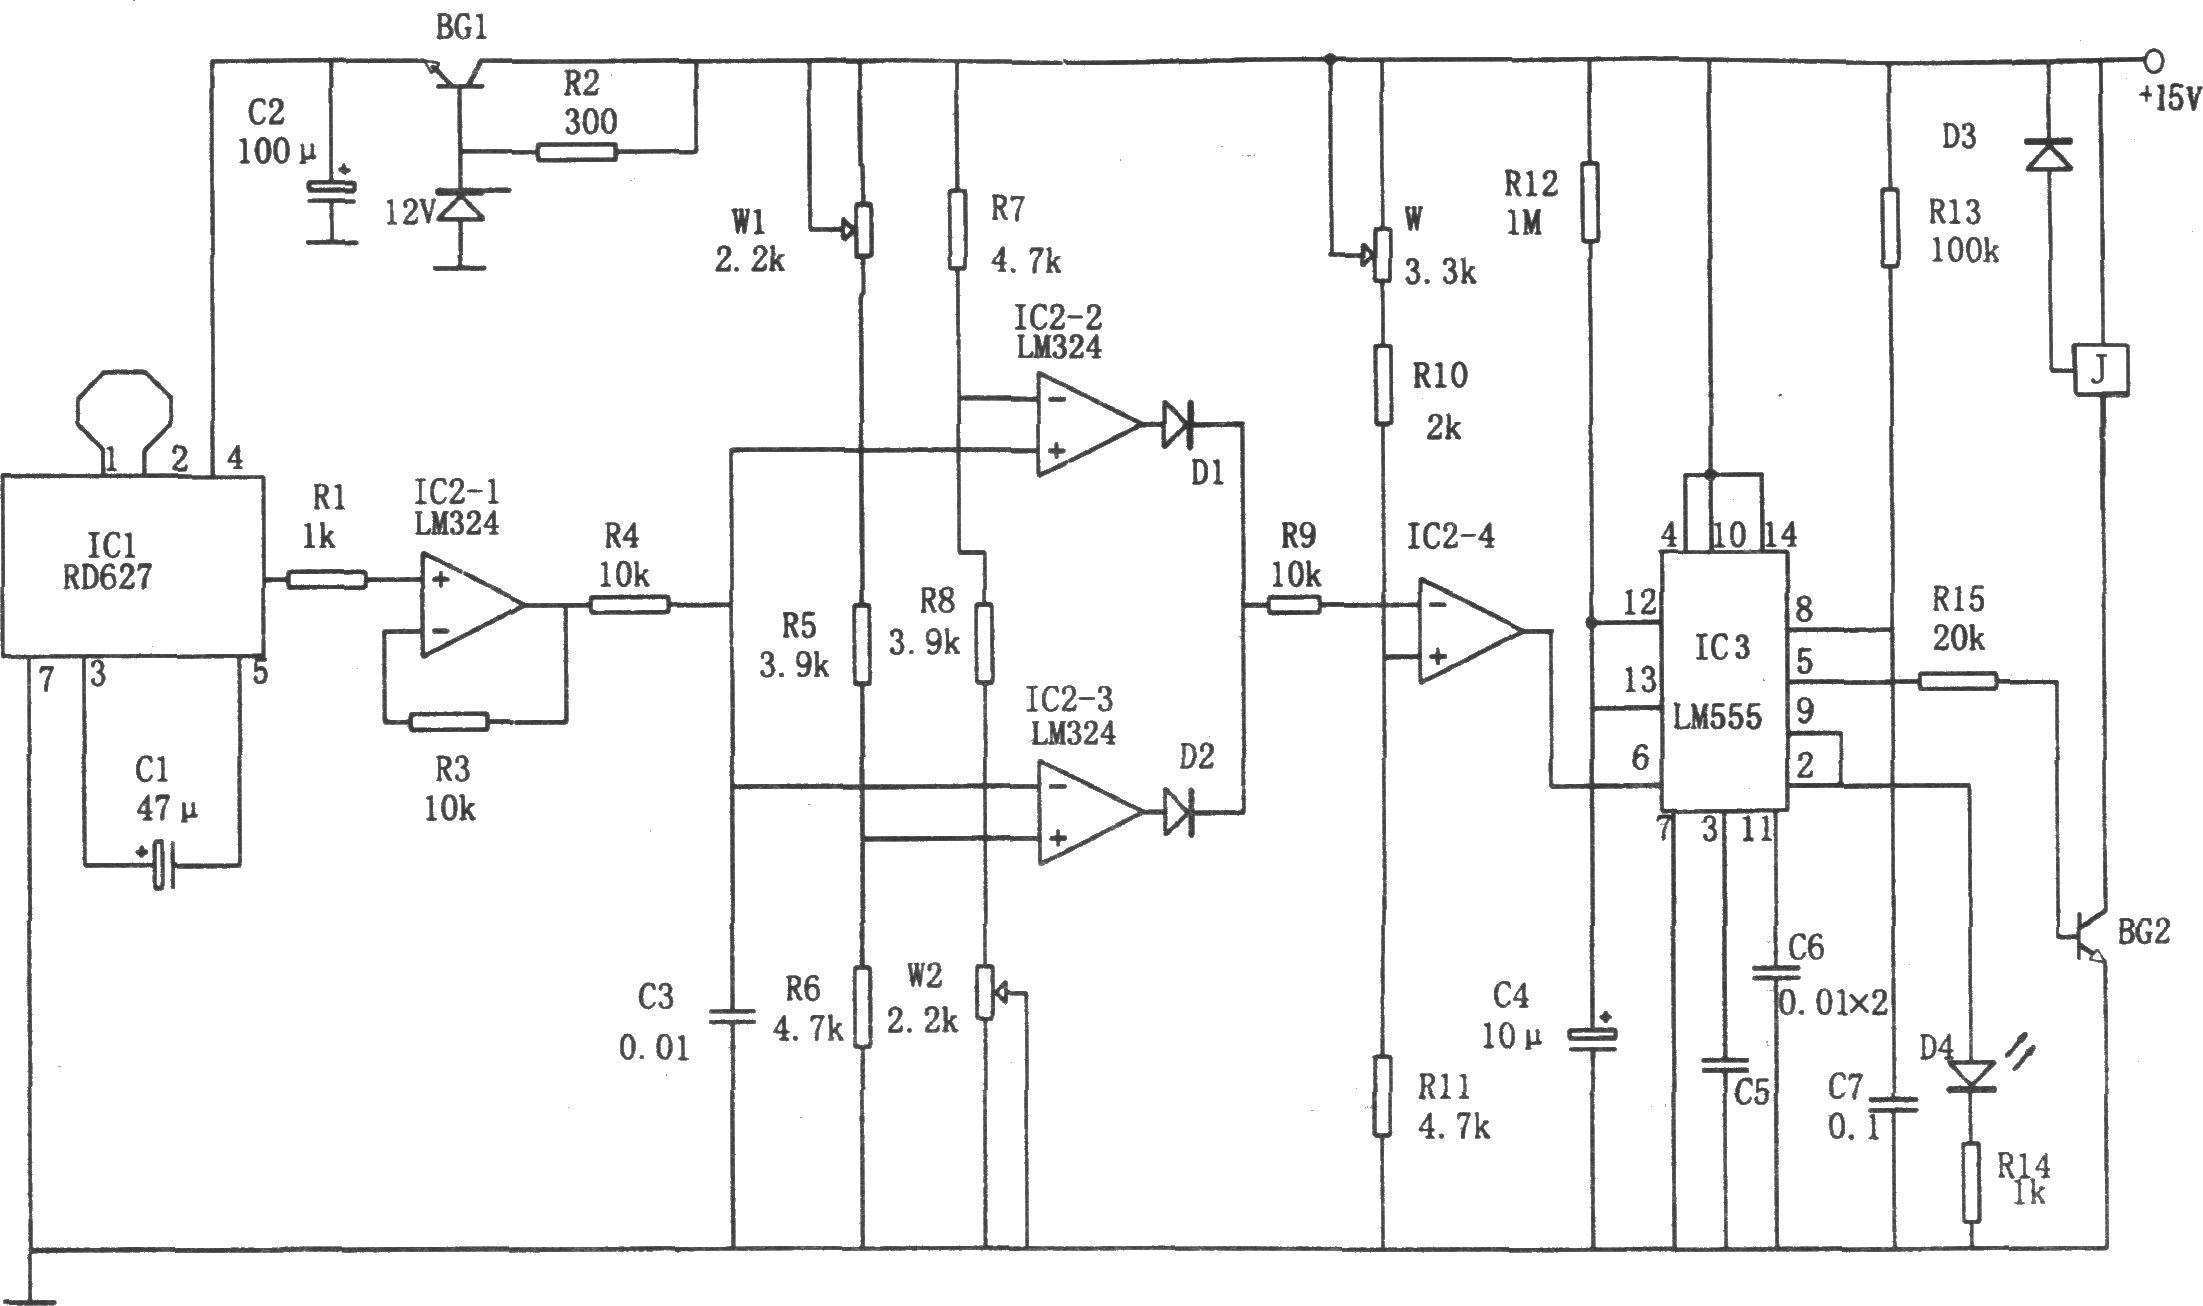 该电路由电压比较器,多普勒效应传感集成电路